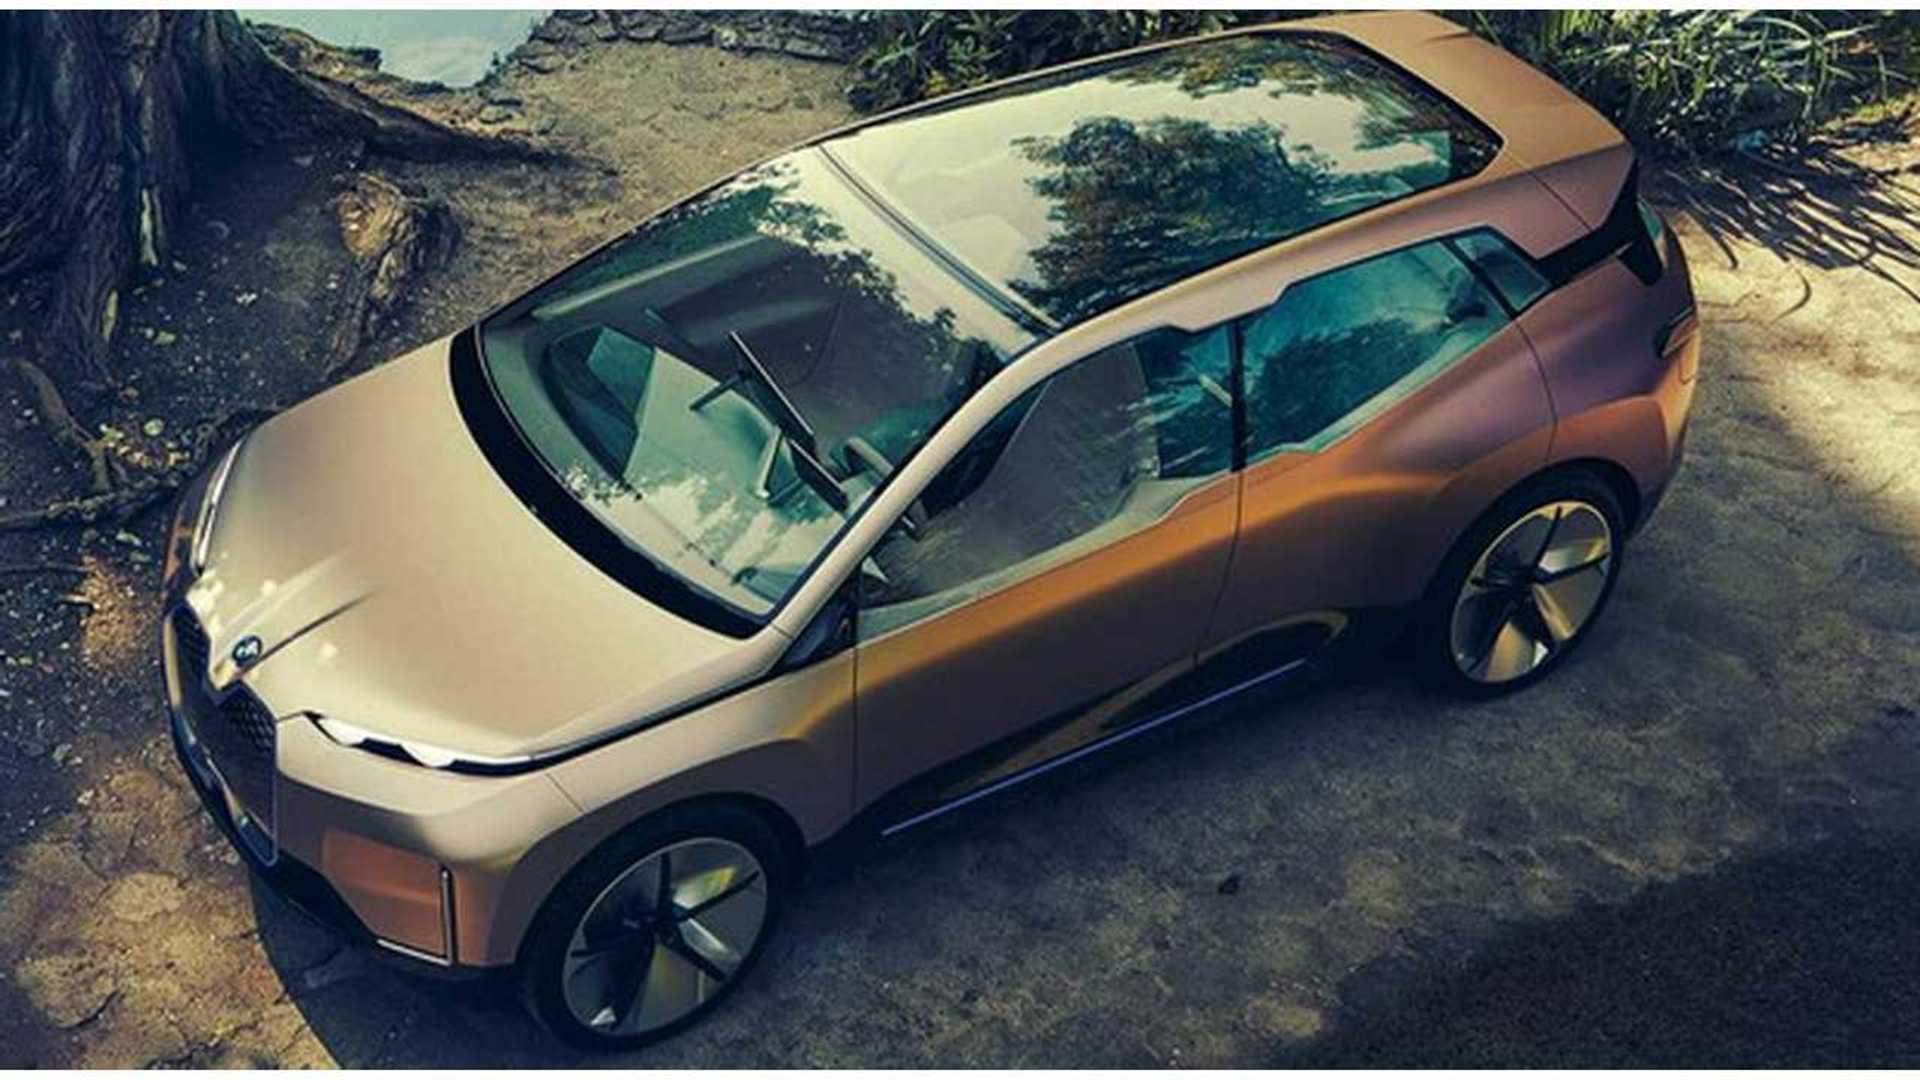 BMW Shareholders Concerned Over Tesla's Advantage